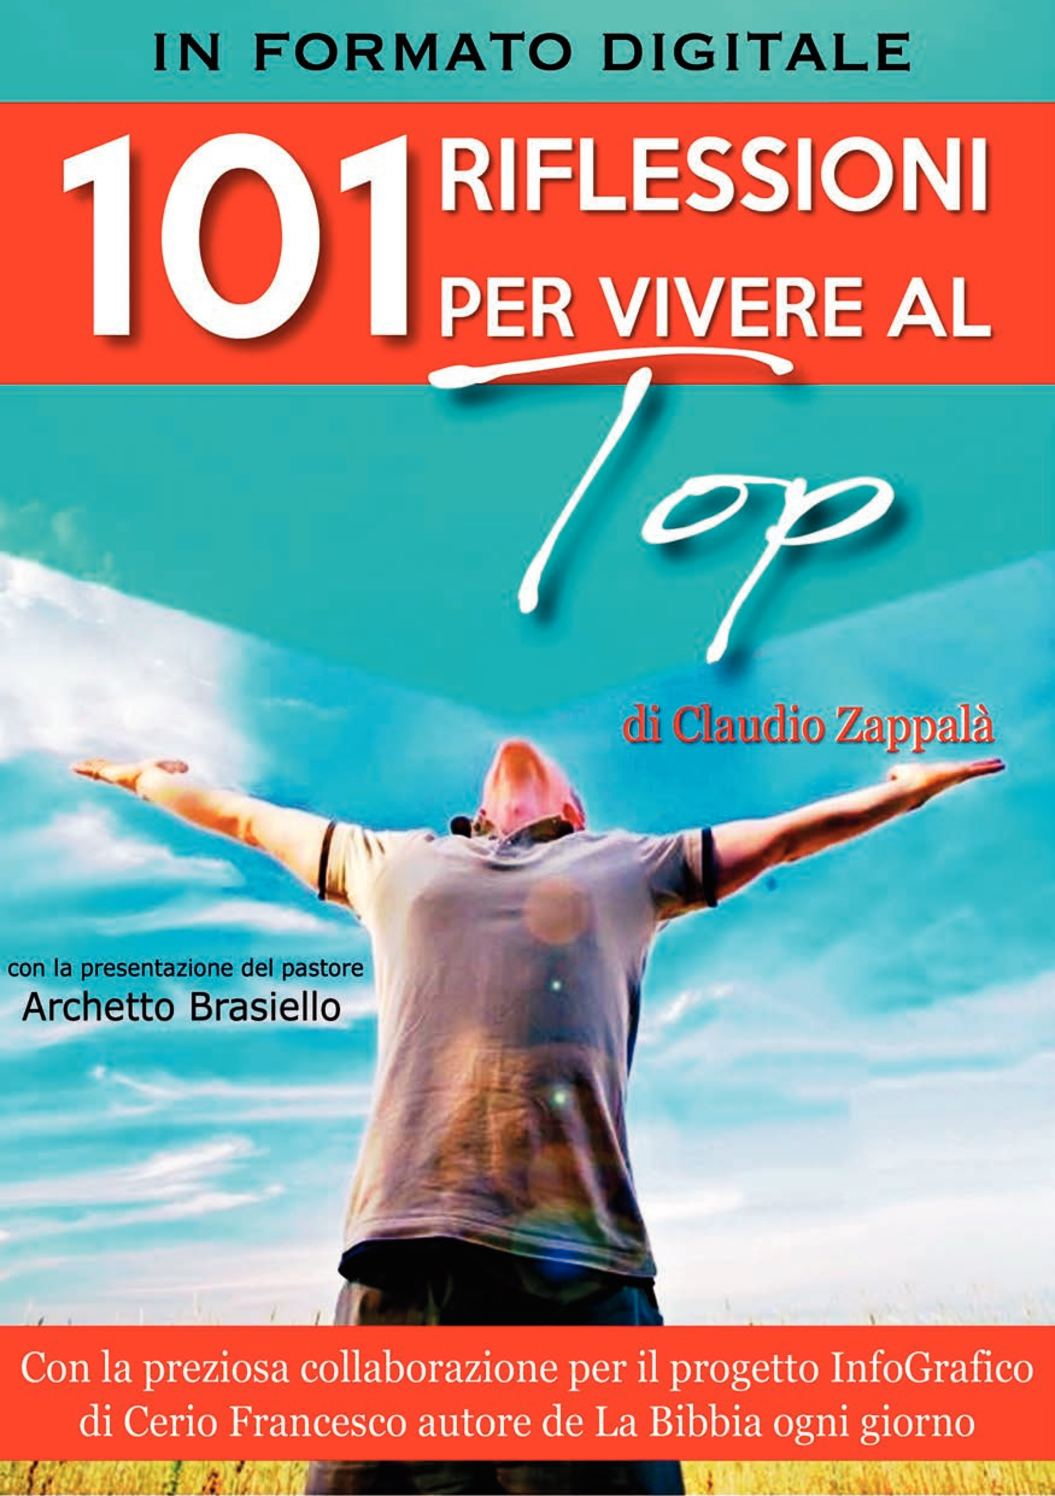 101 Riflessioni per Vivere al TOP